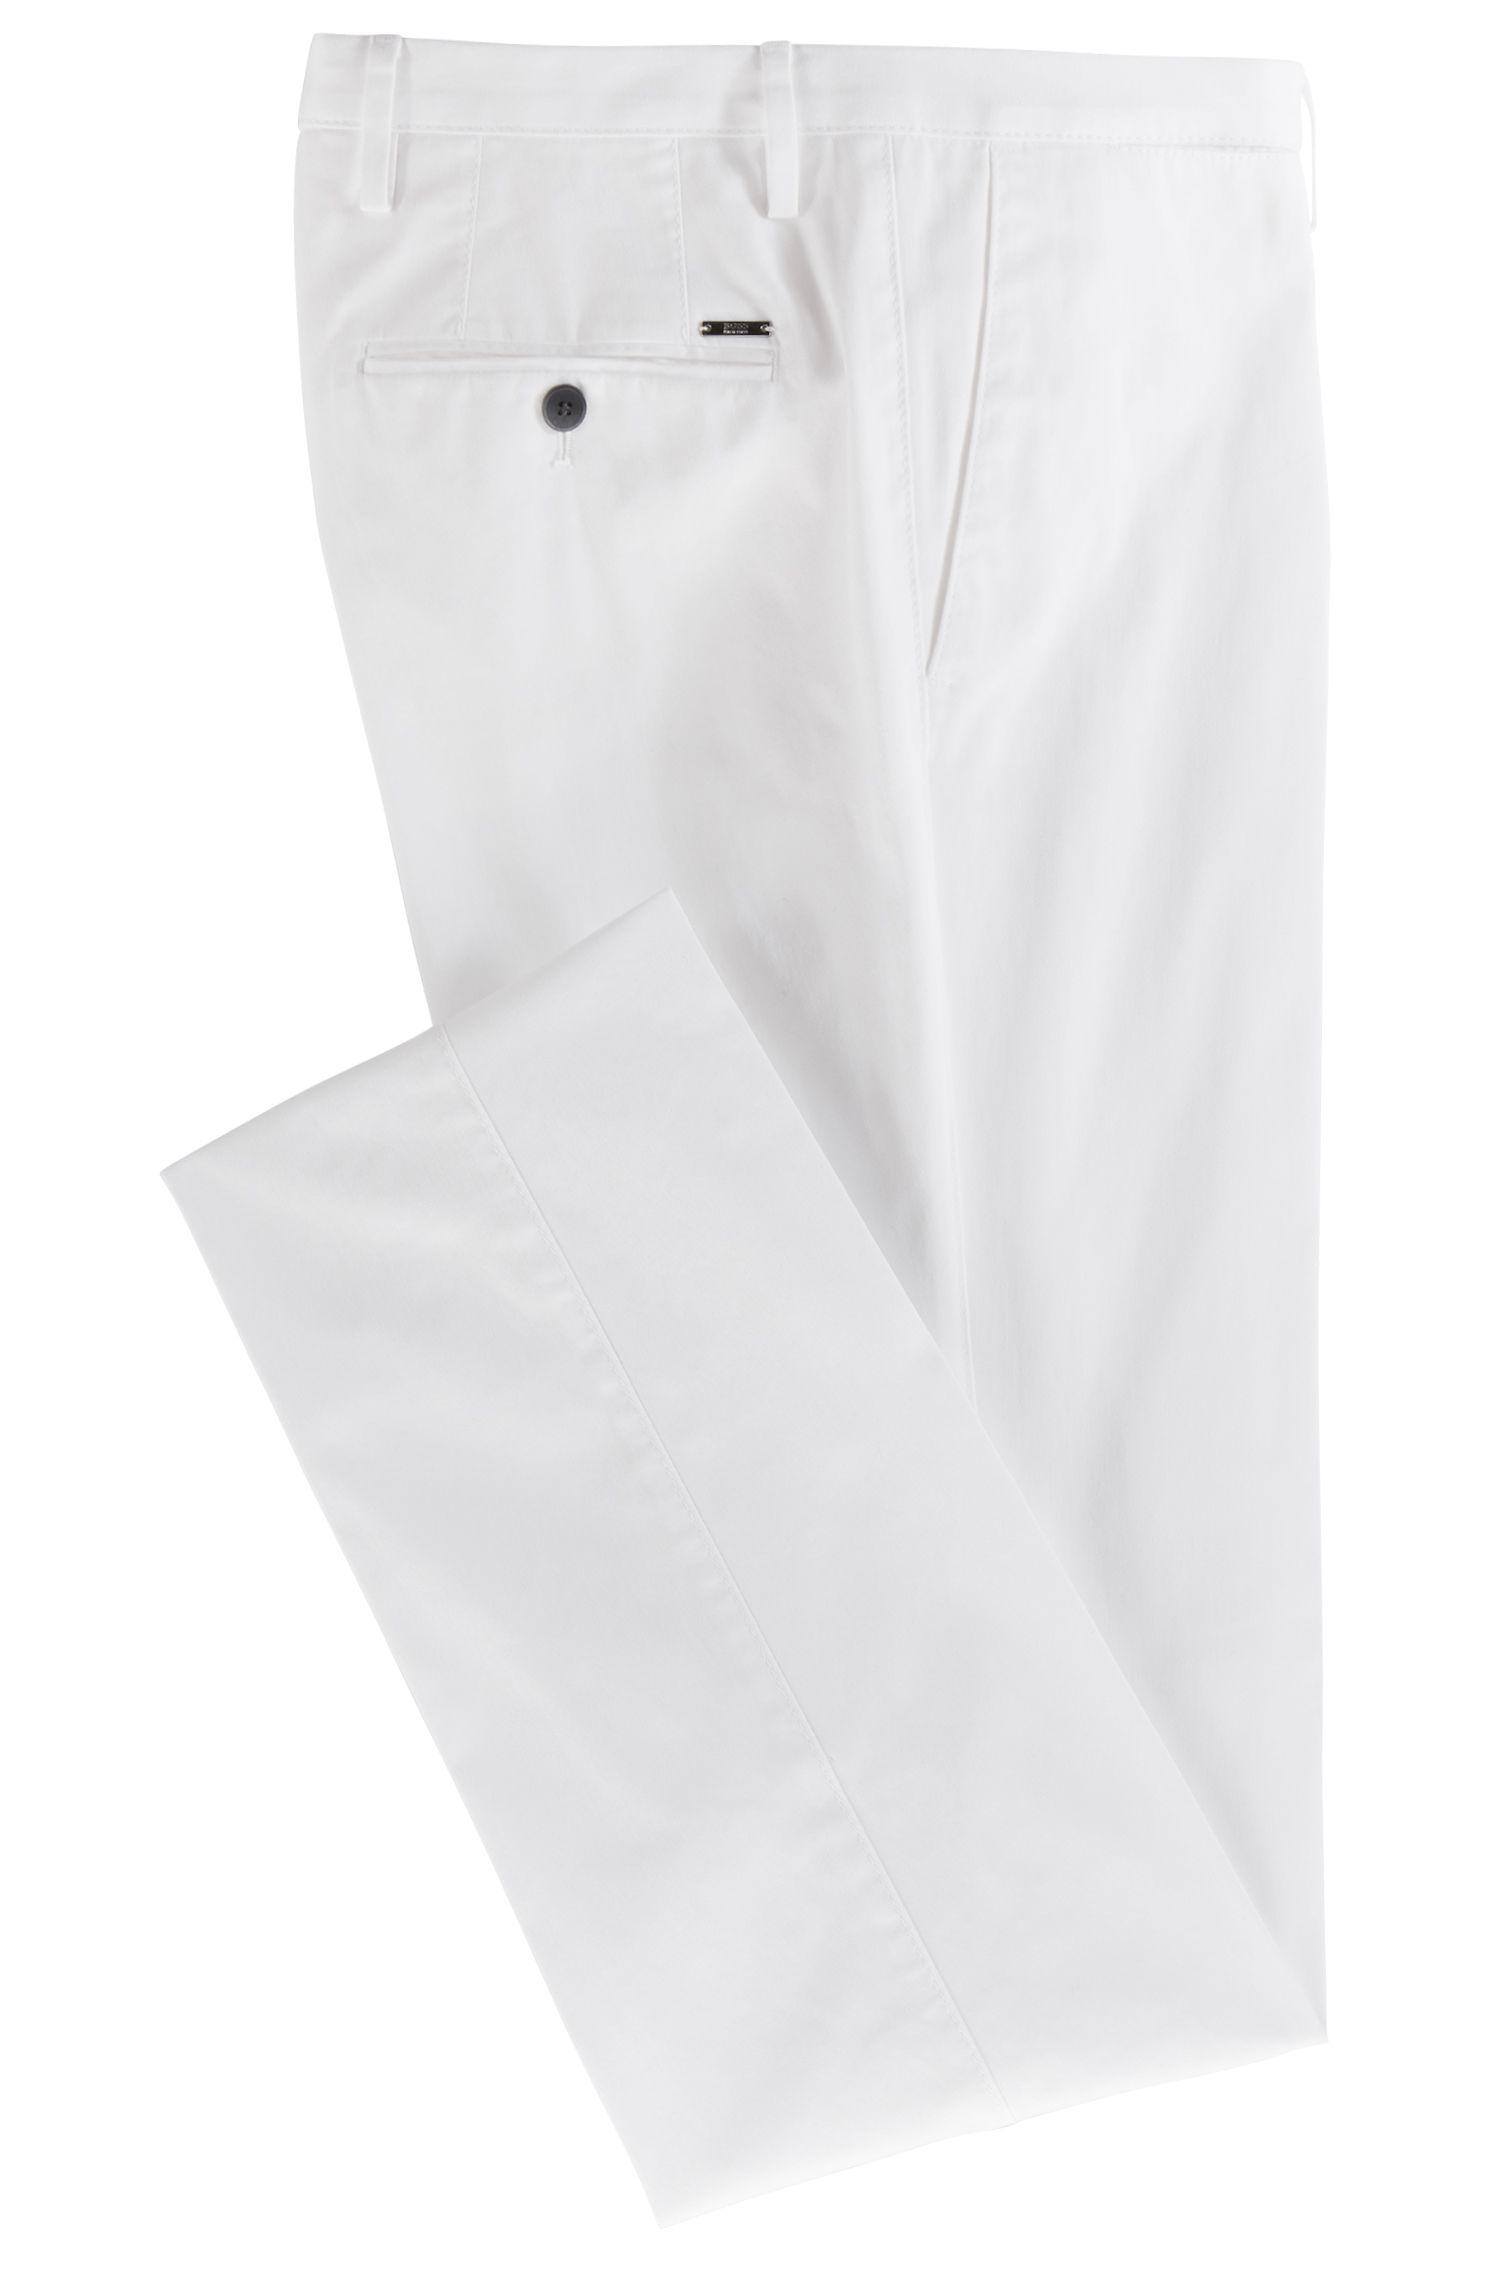 Hugo Boss - Pantalones slim fit de algodón elástico teñido en prenda - 4